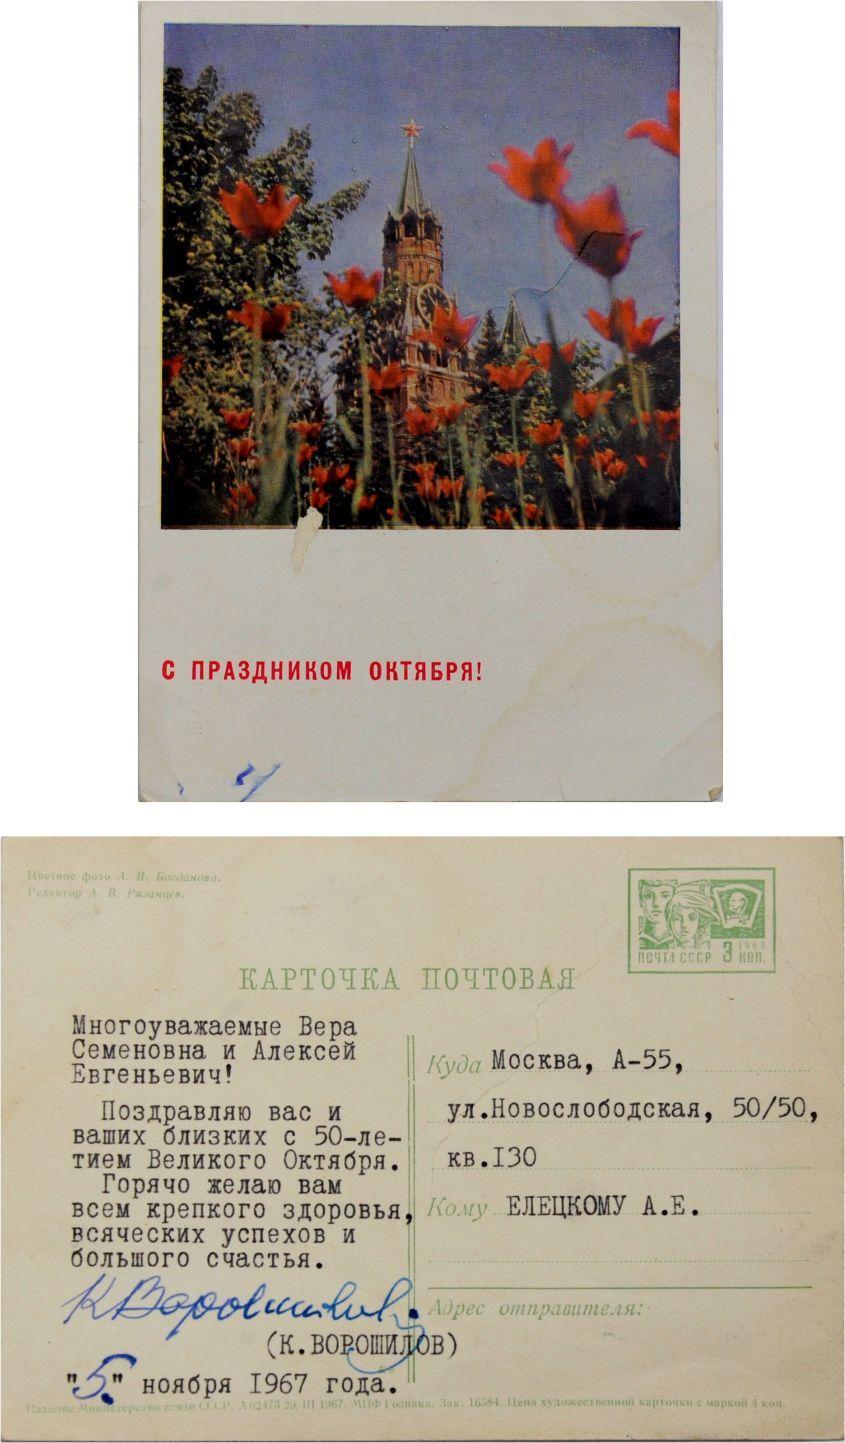 открытки в честь 60 летия октября ниже